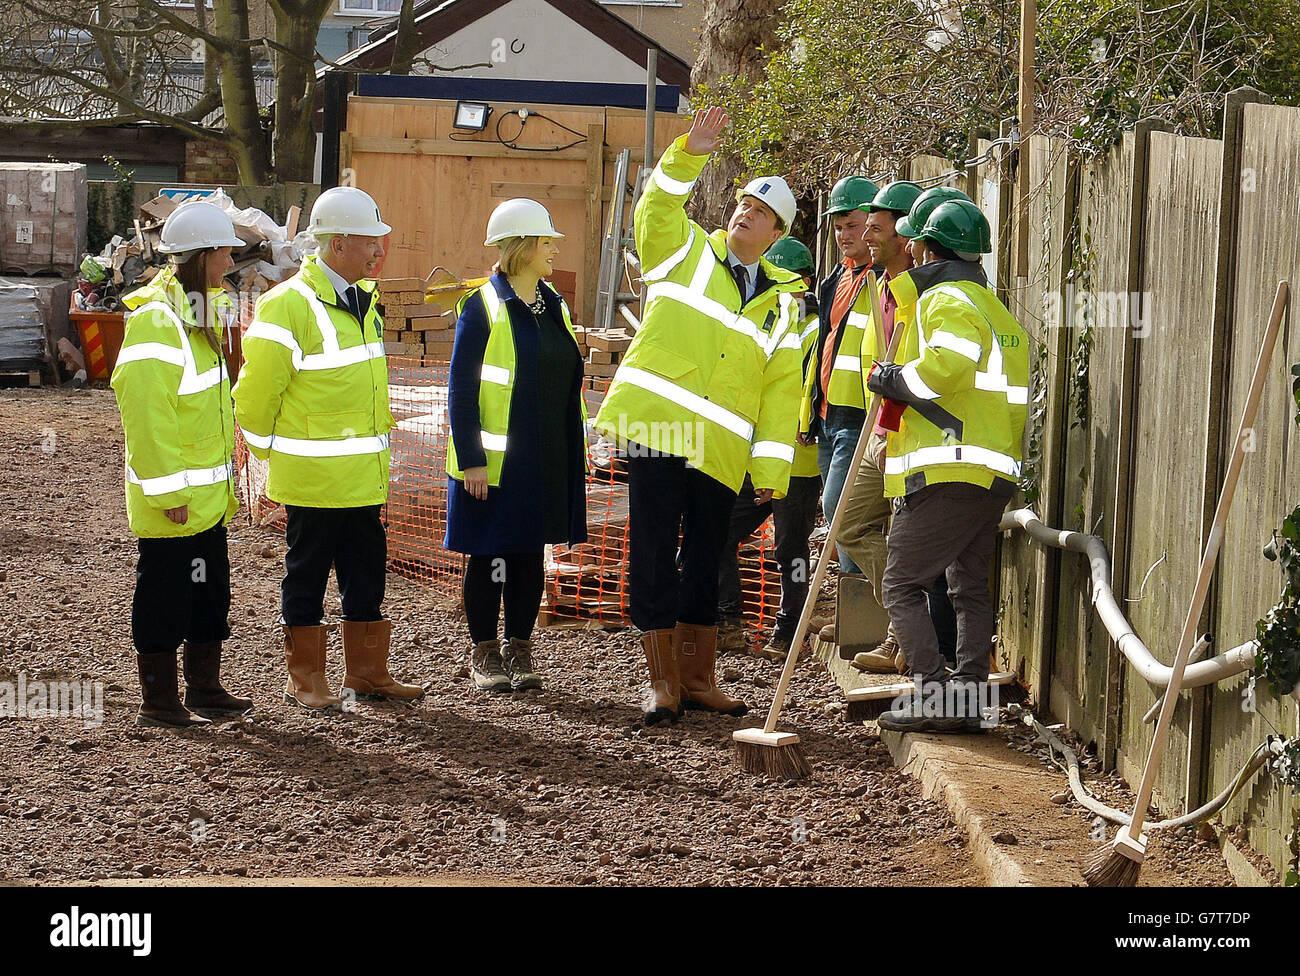 Cameron visita a sitio en construcción Foto de stock